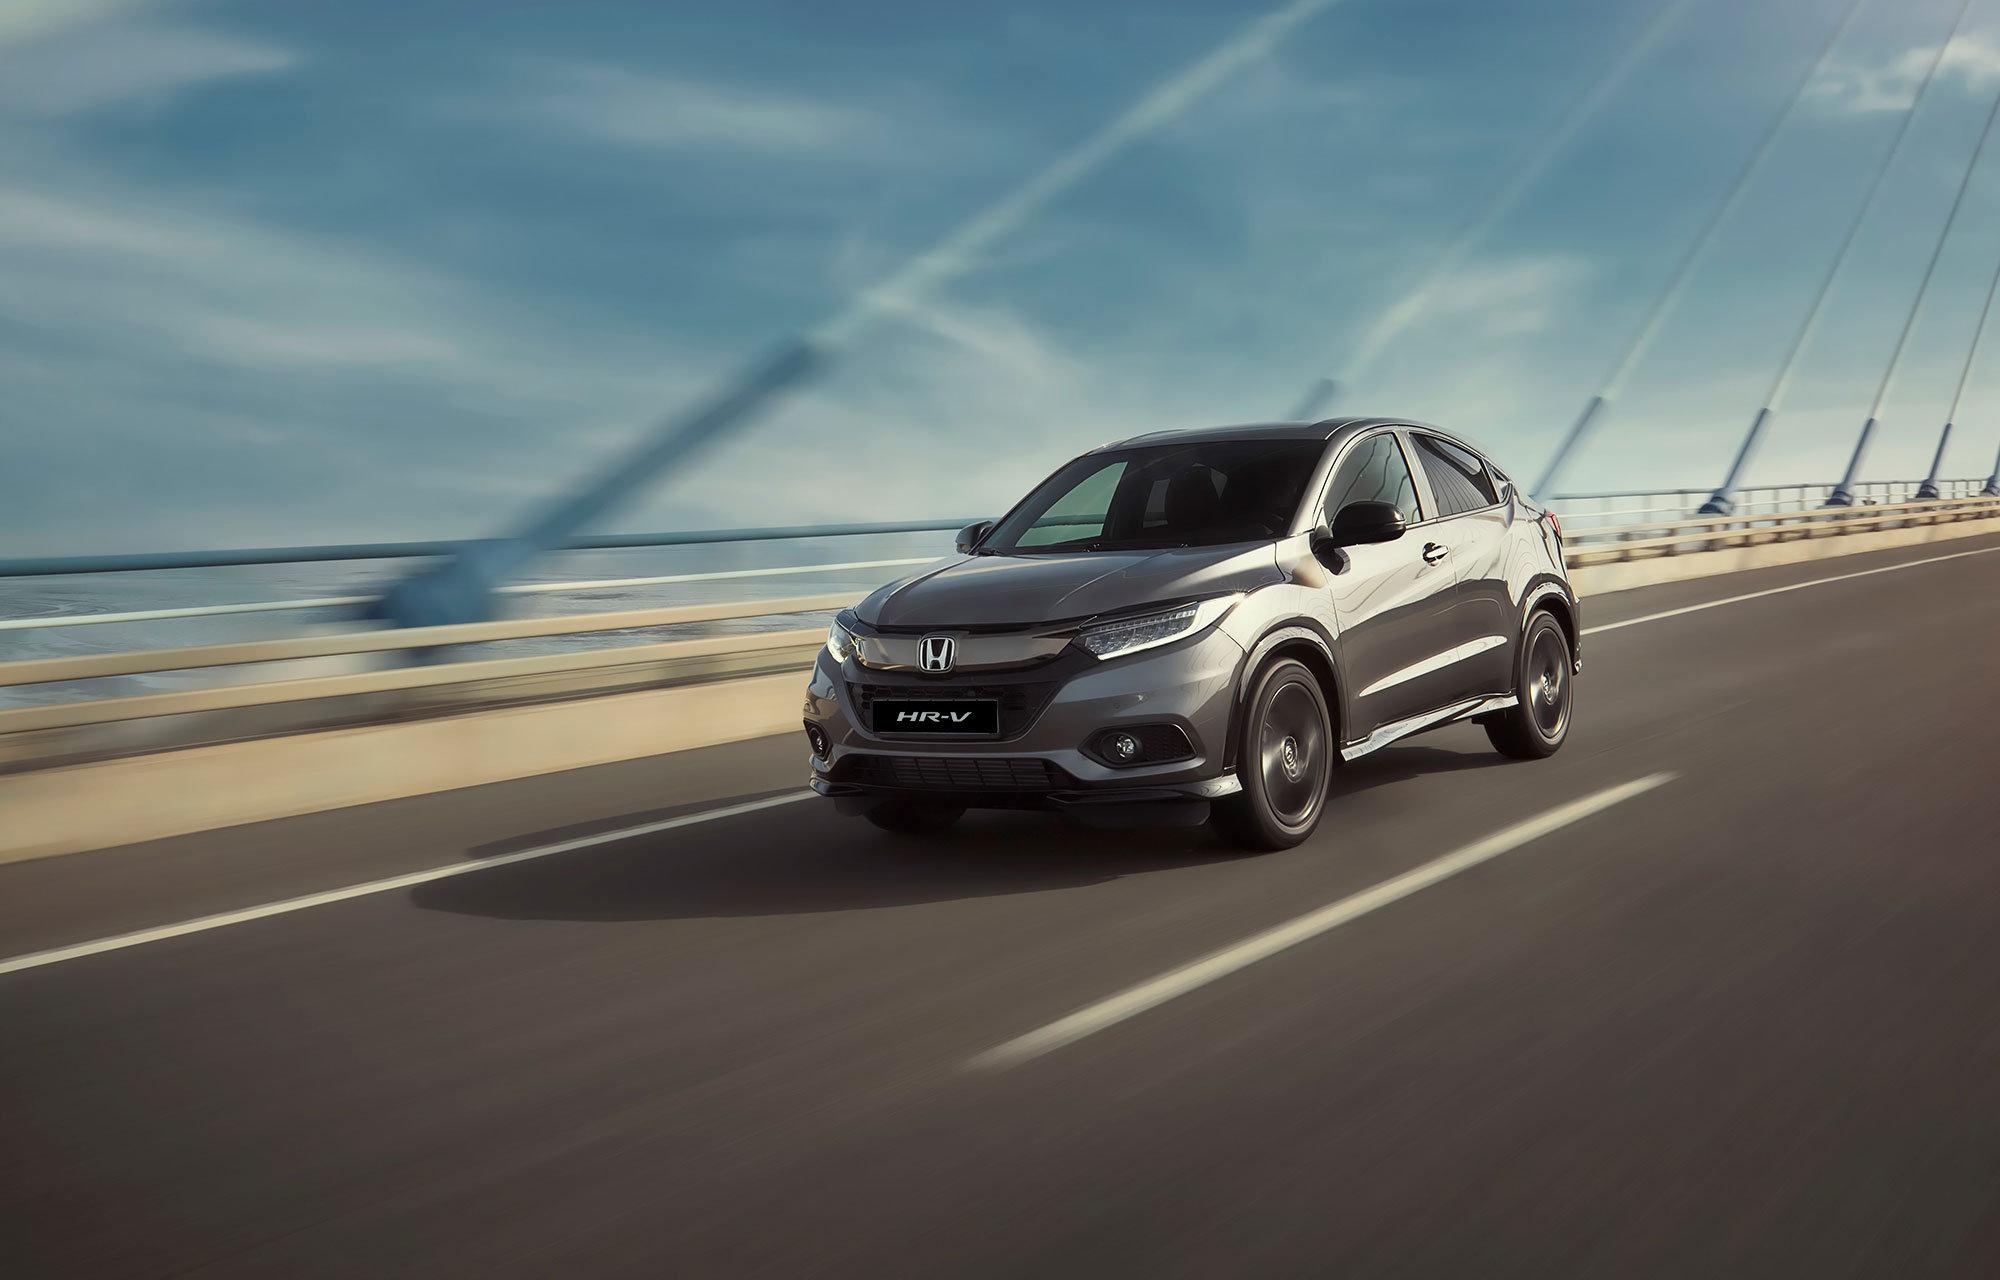 The all-new 2019 Honda HR-V